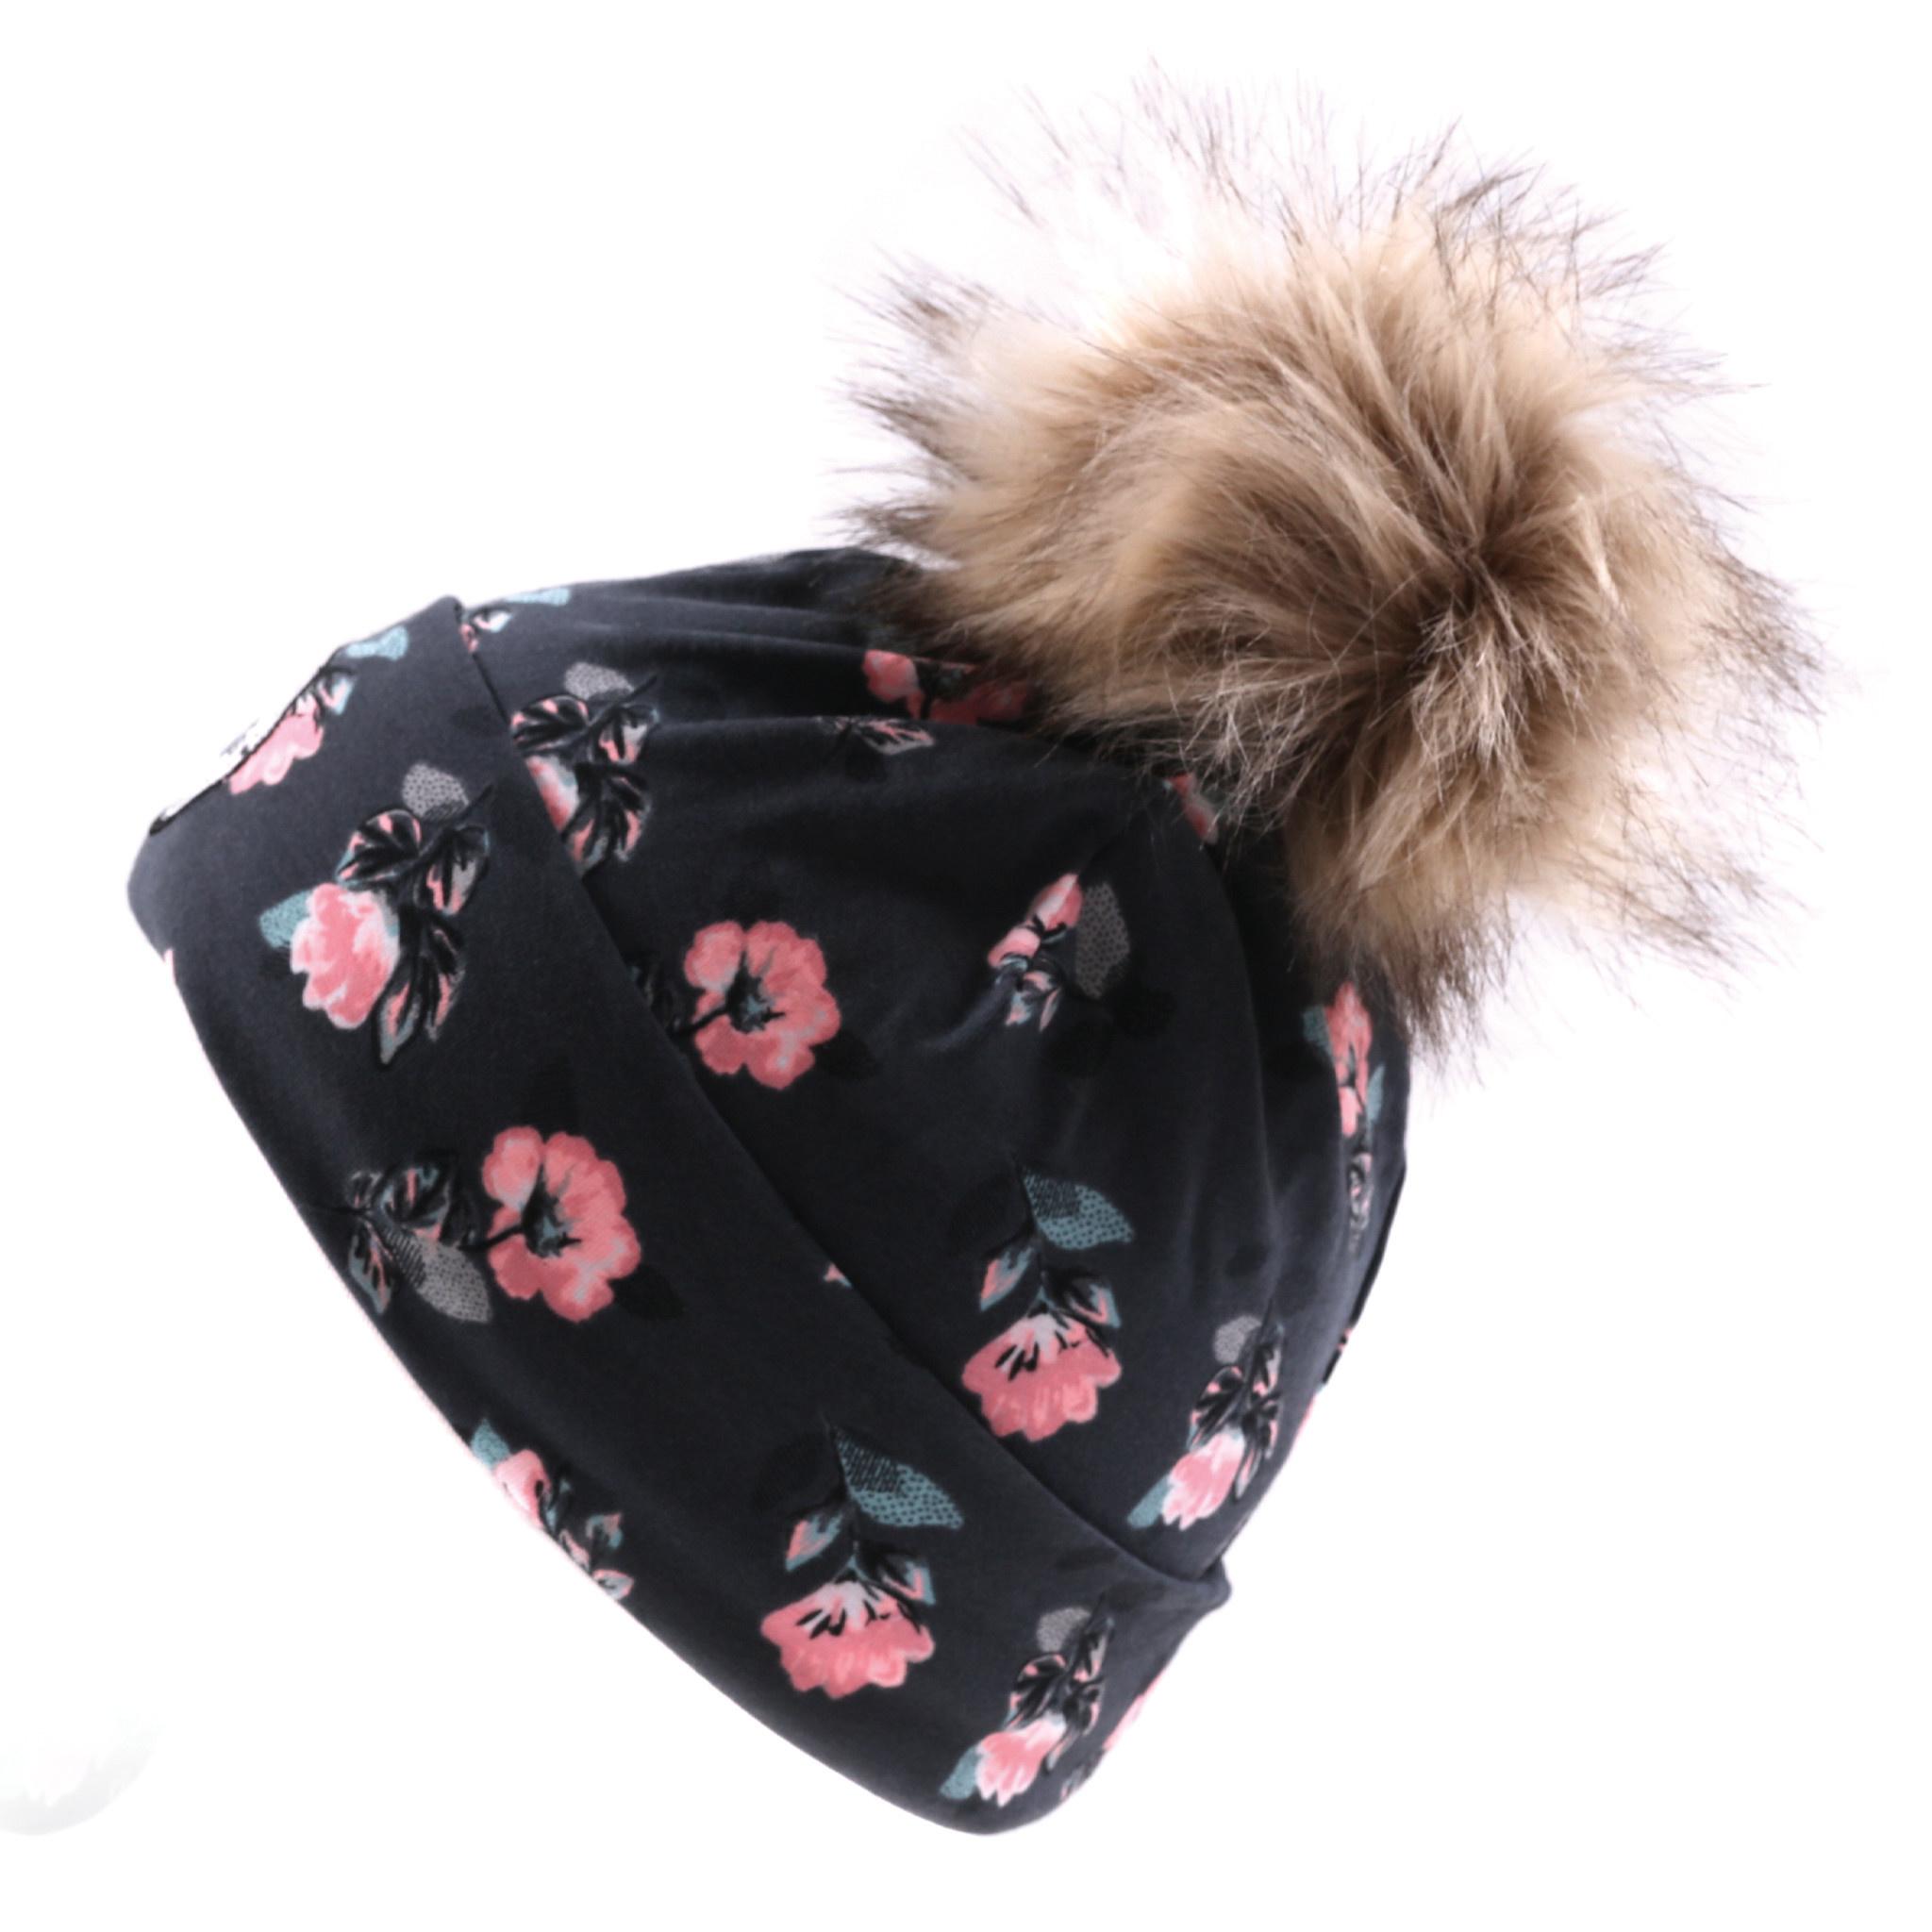 Tuque en jersey Charcoal Fleurs-2